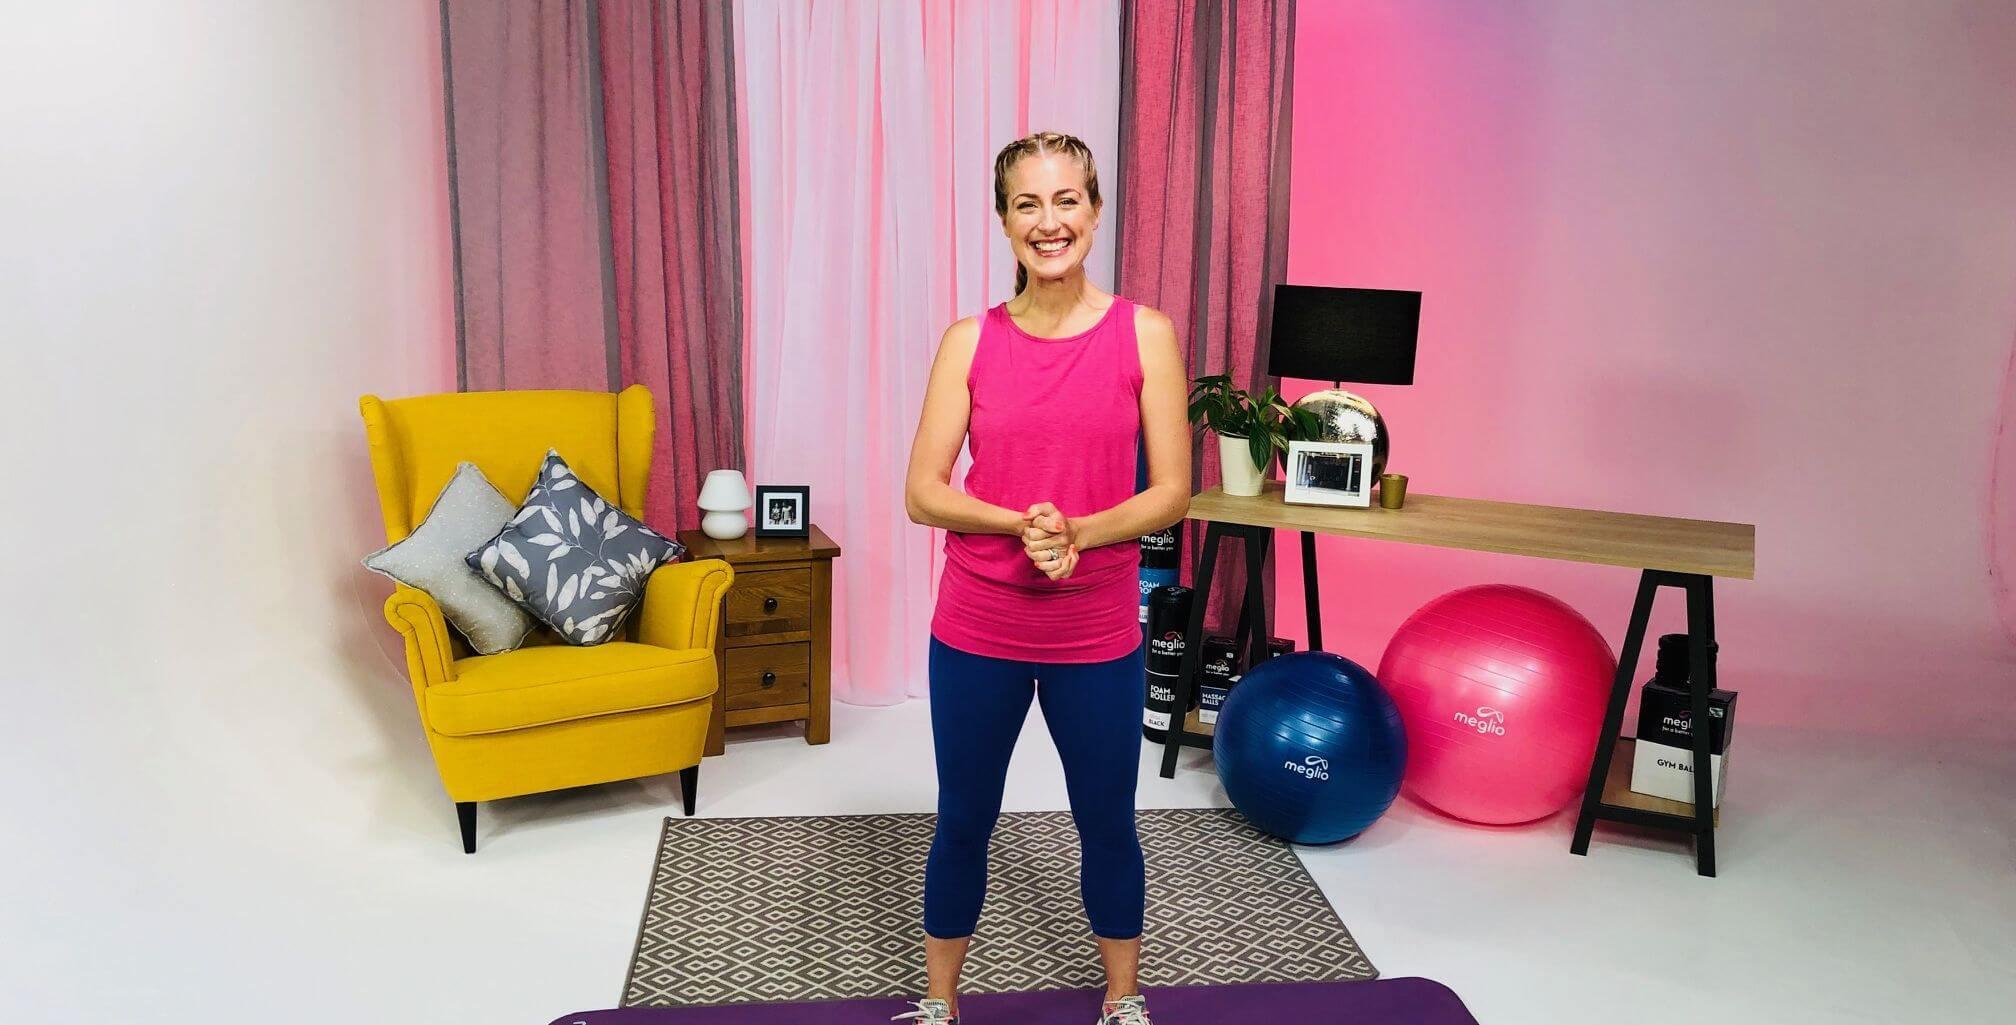 Meet our LIFT expert - Emma Taylor